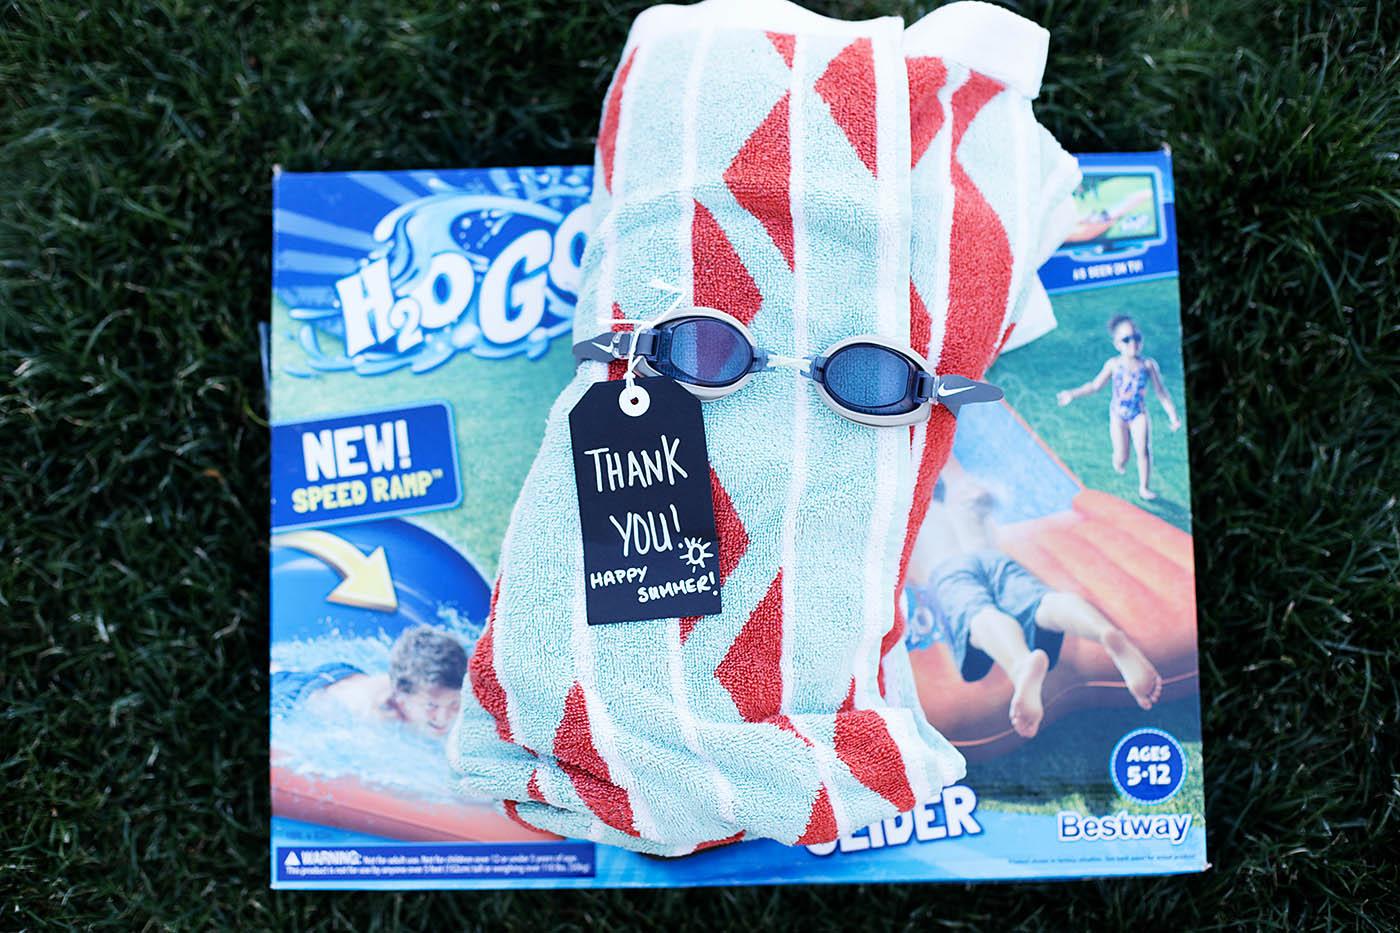 Summer fun party gift idea